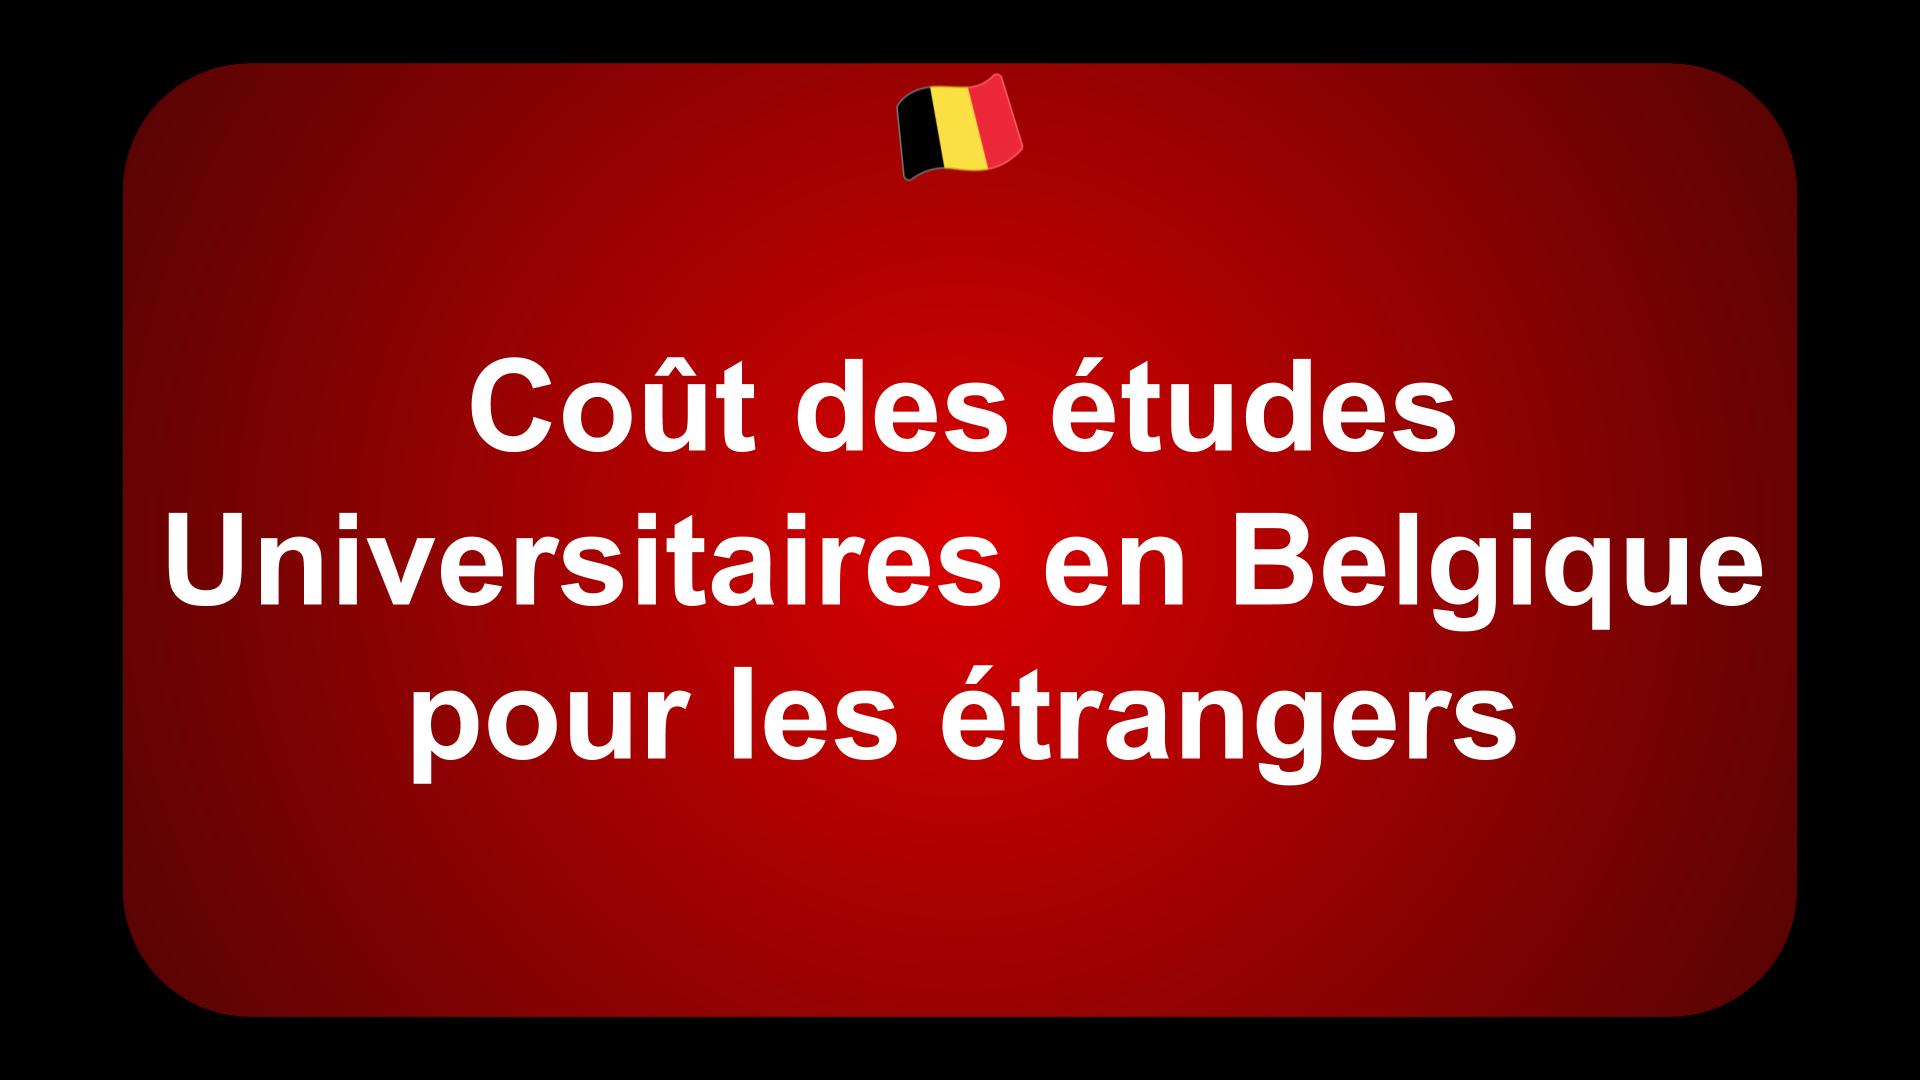 Coût des études Universitaires en Belgique pour les étrangers